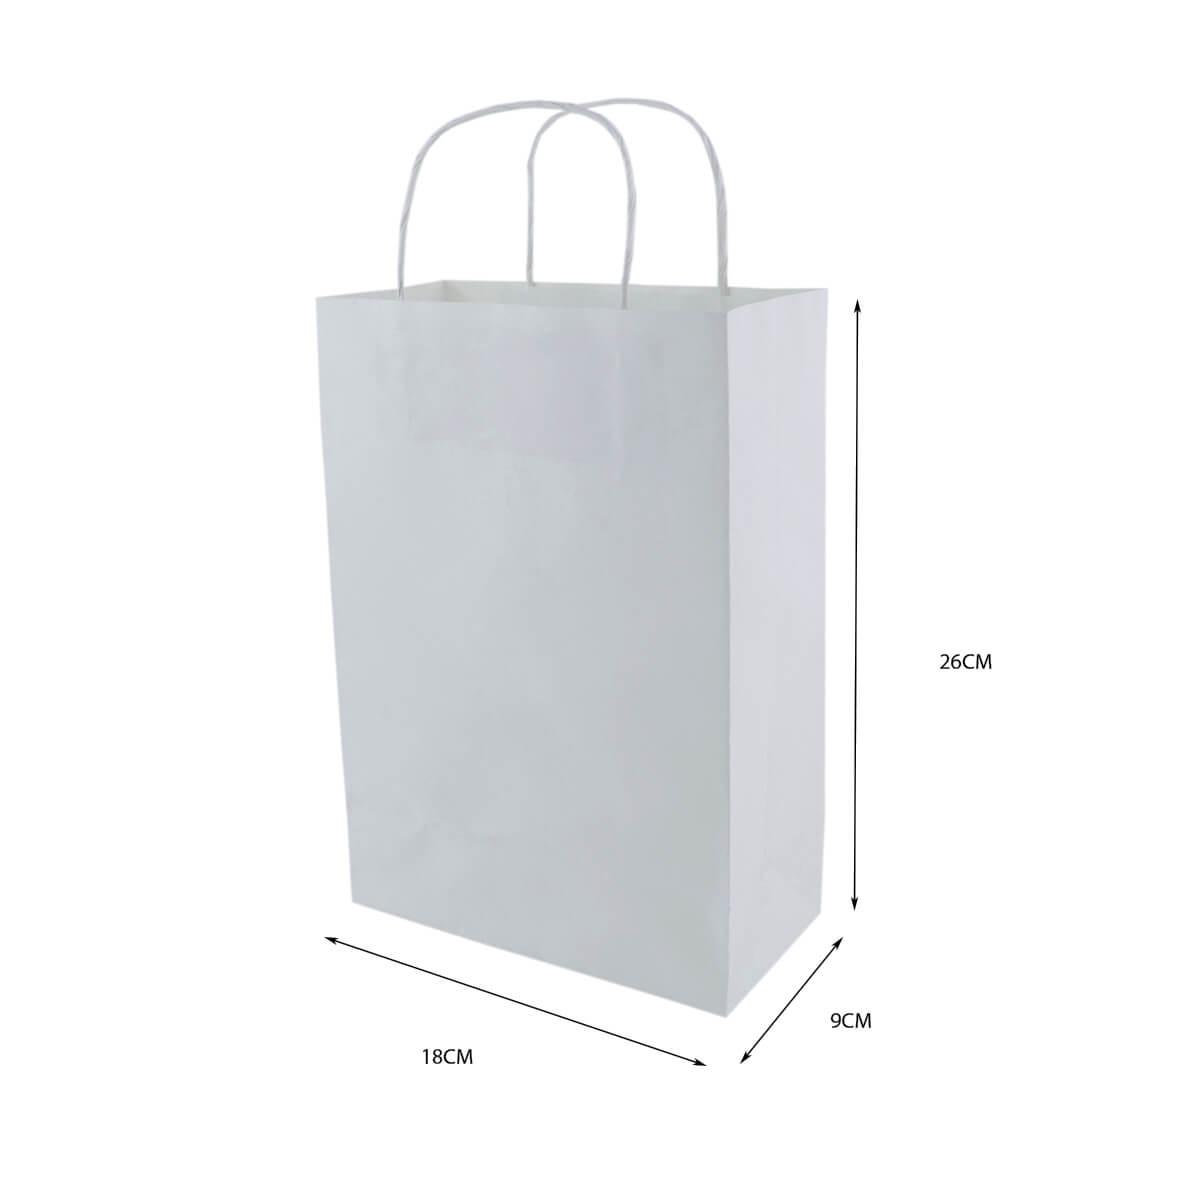 Sacola Branca Pequena 26x18x9 - 100 Unidades